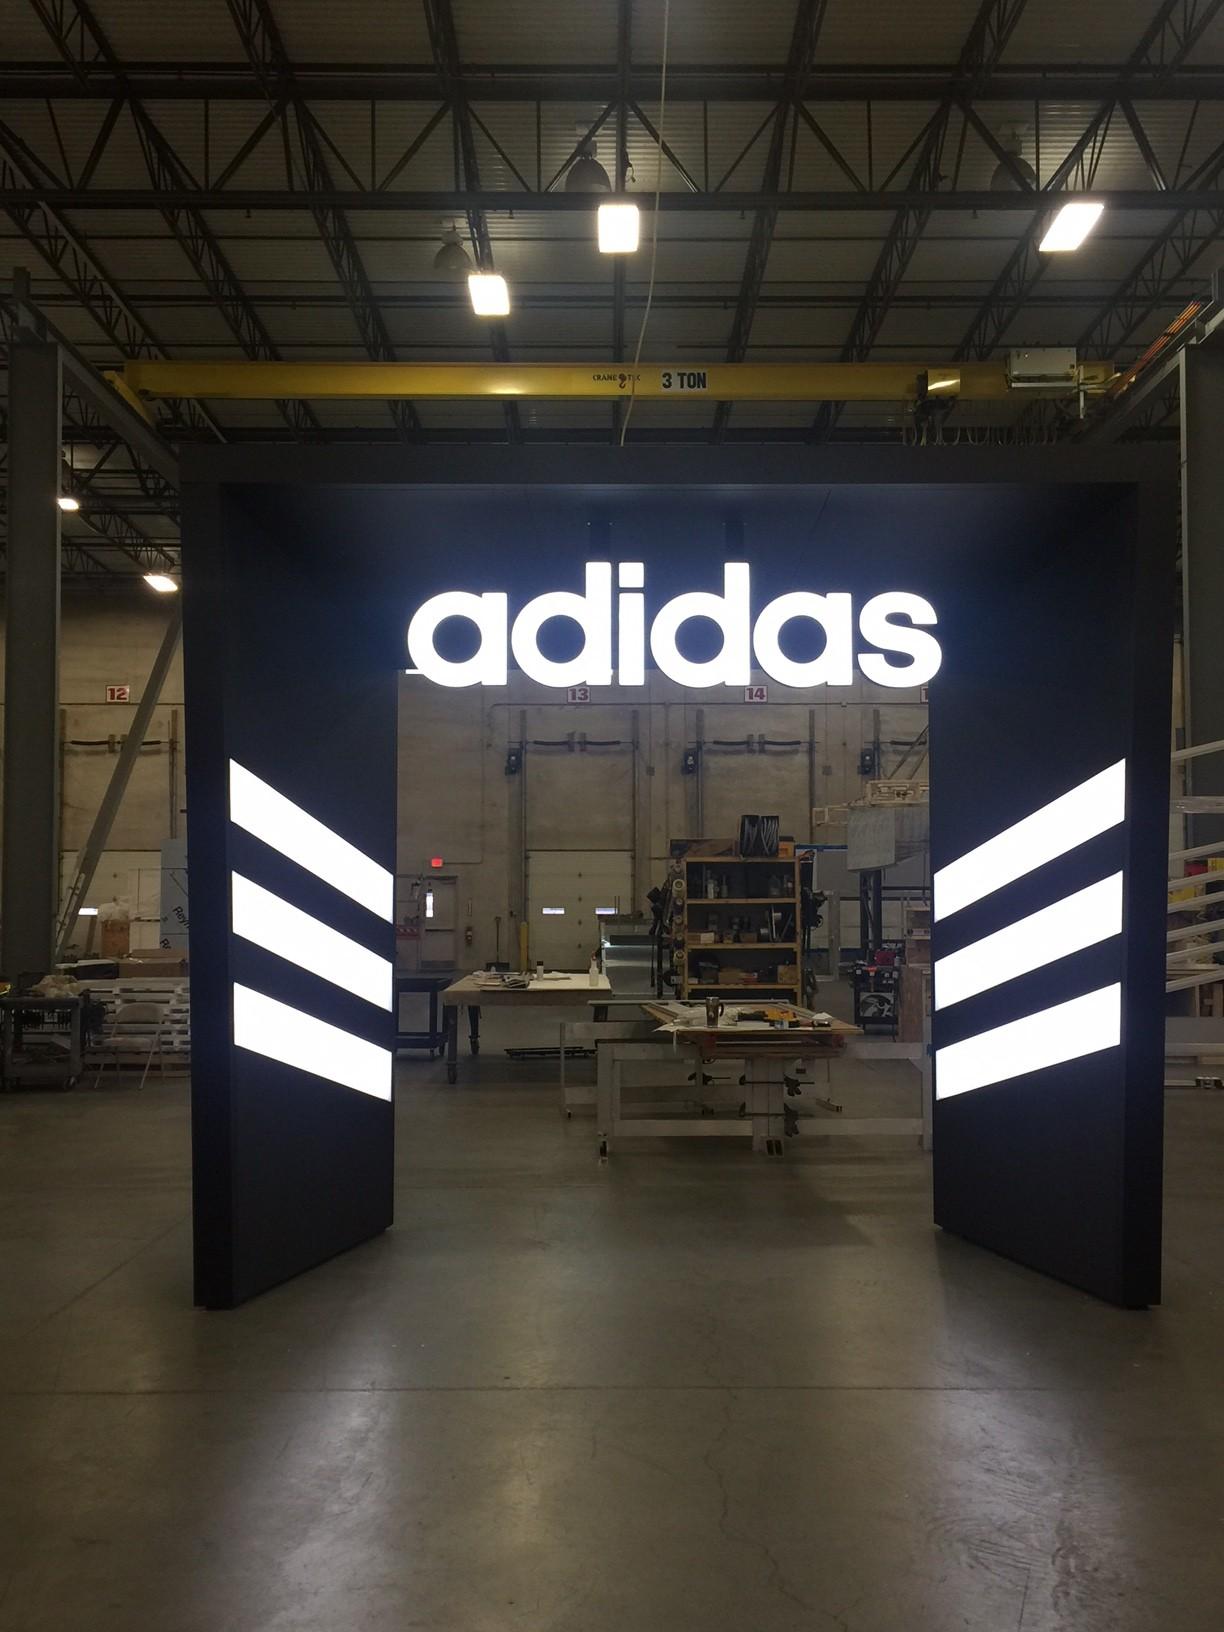 Adidas Prototype